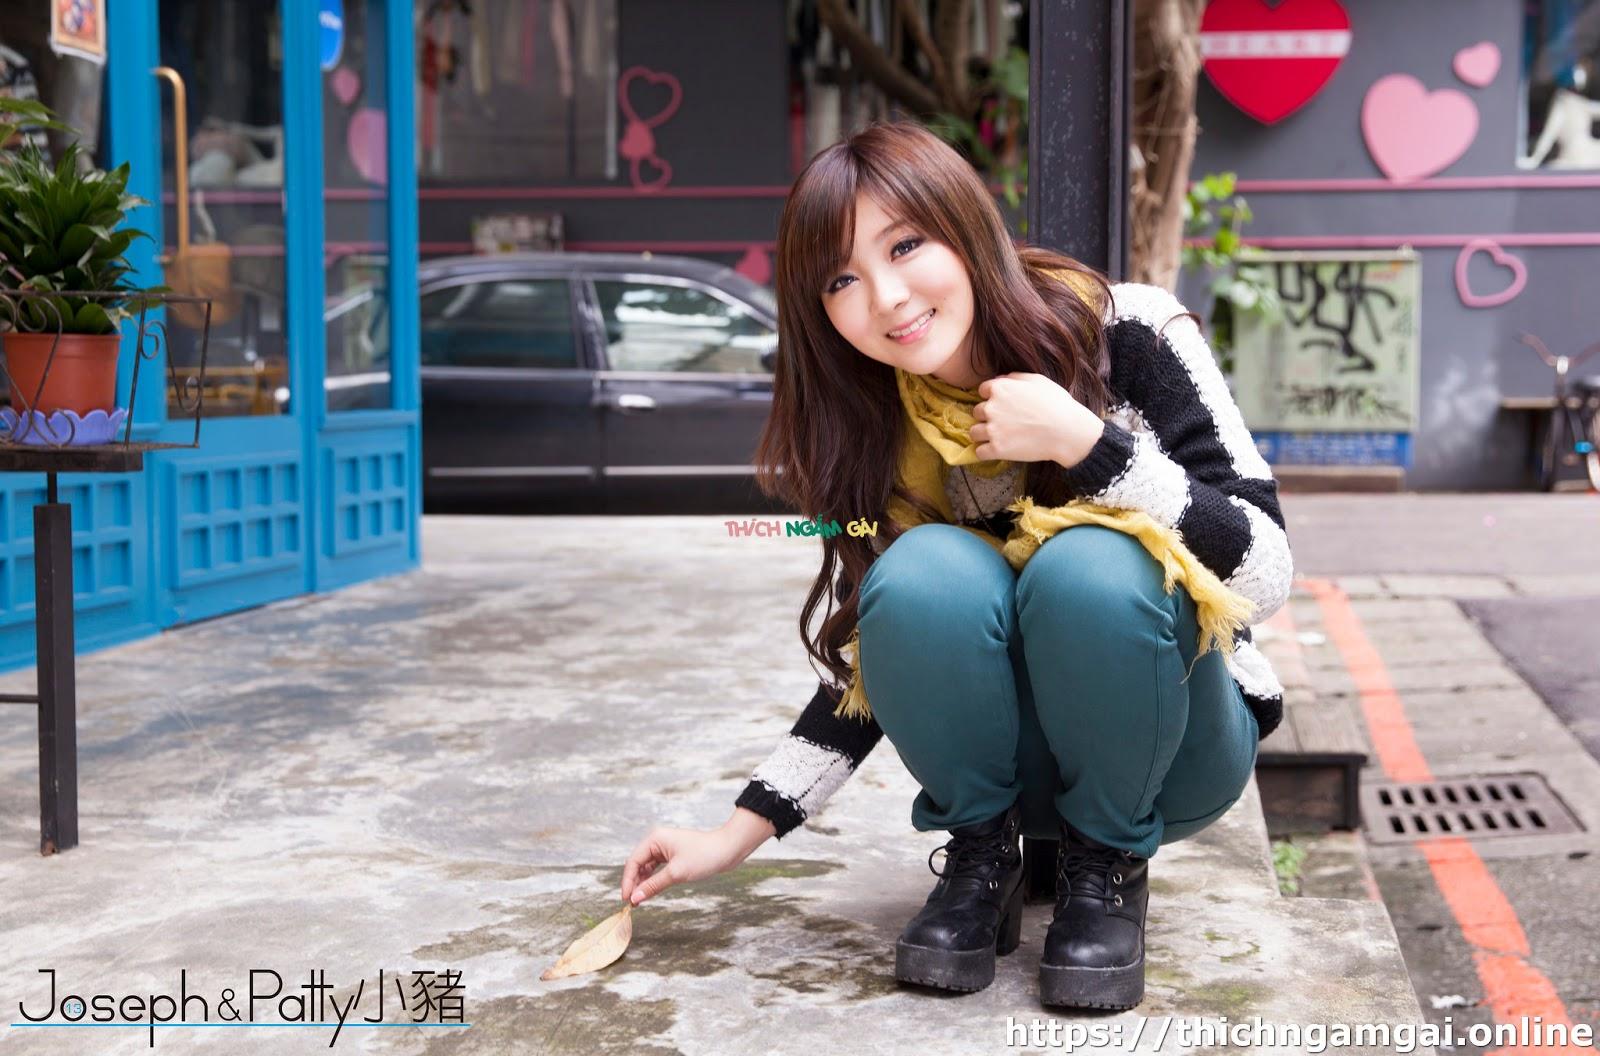 Thích Ngắm Gái 299.%2B_MG_0533%2B%2528Large%2B2048%2529 Tuyển Tập Girls Xinh Việt Nam (Phần 70)